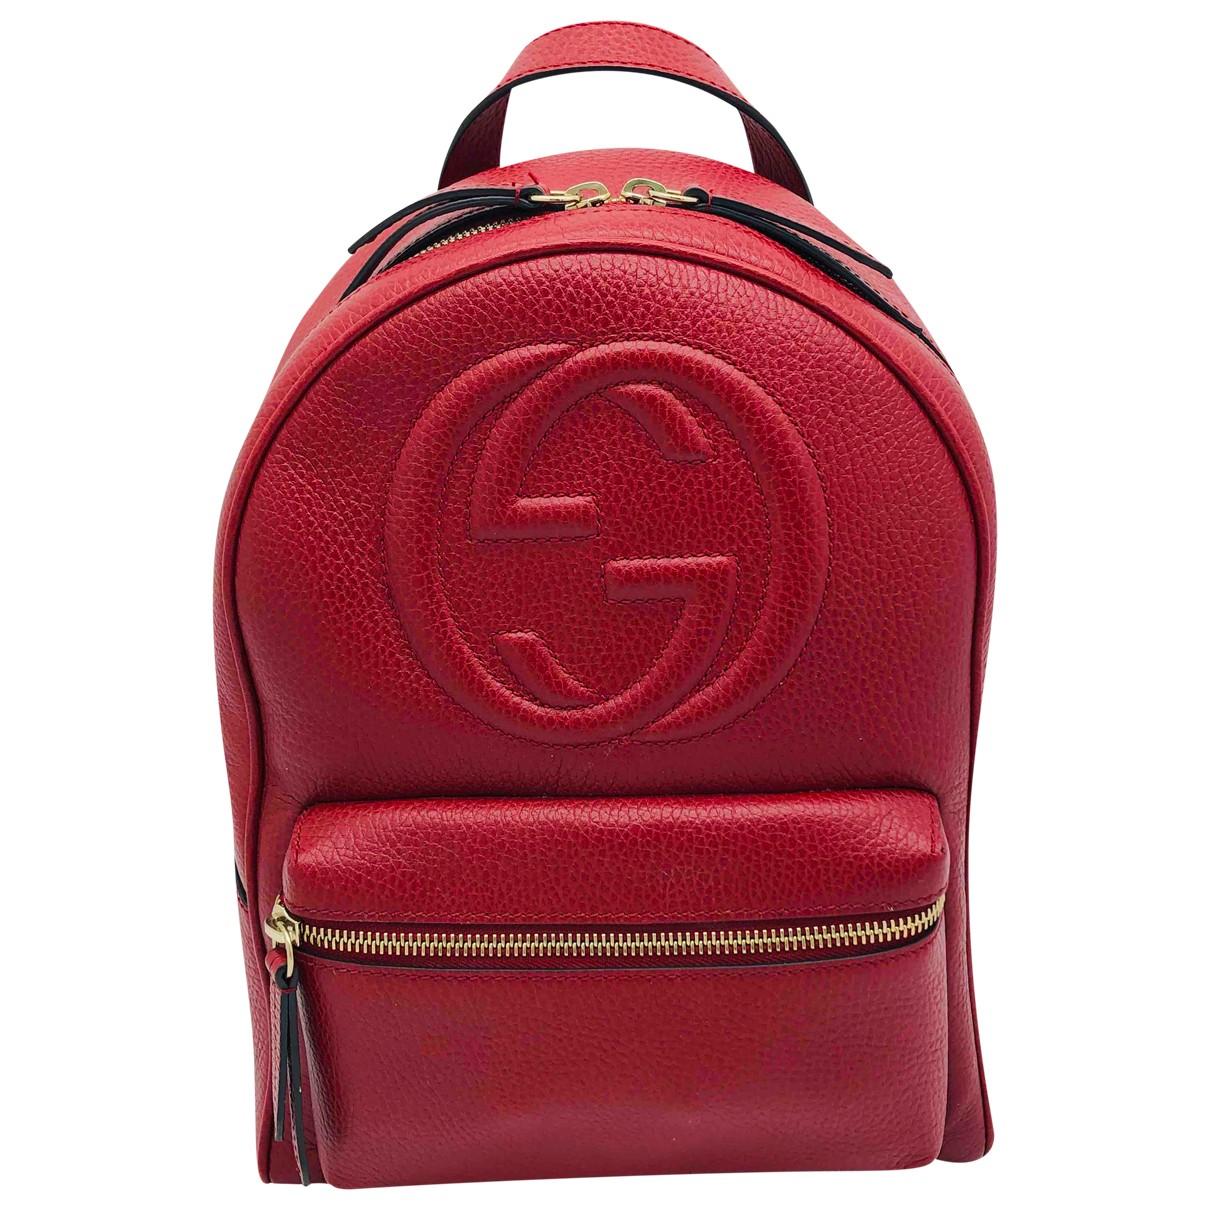 Gucci - Sac a dos Soho pour femme en cuir - rouge